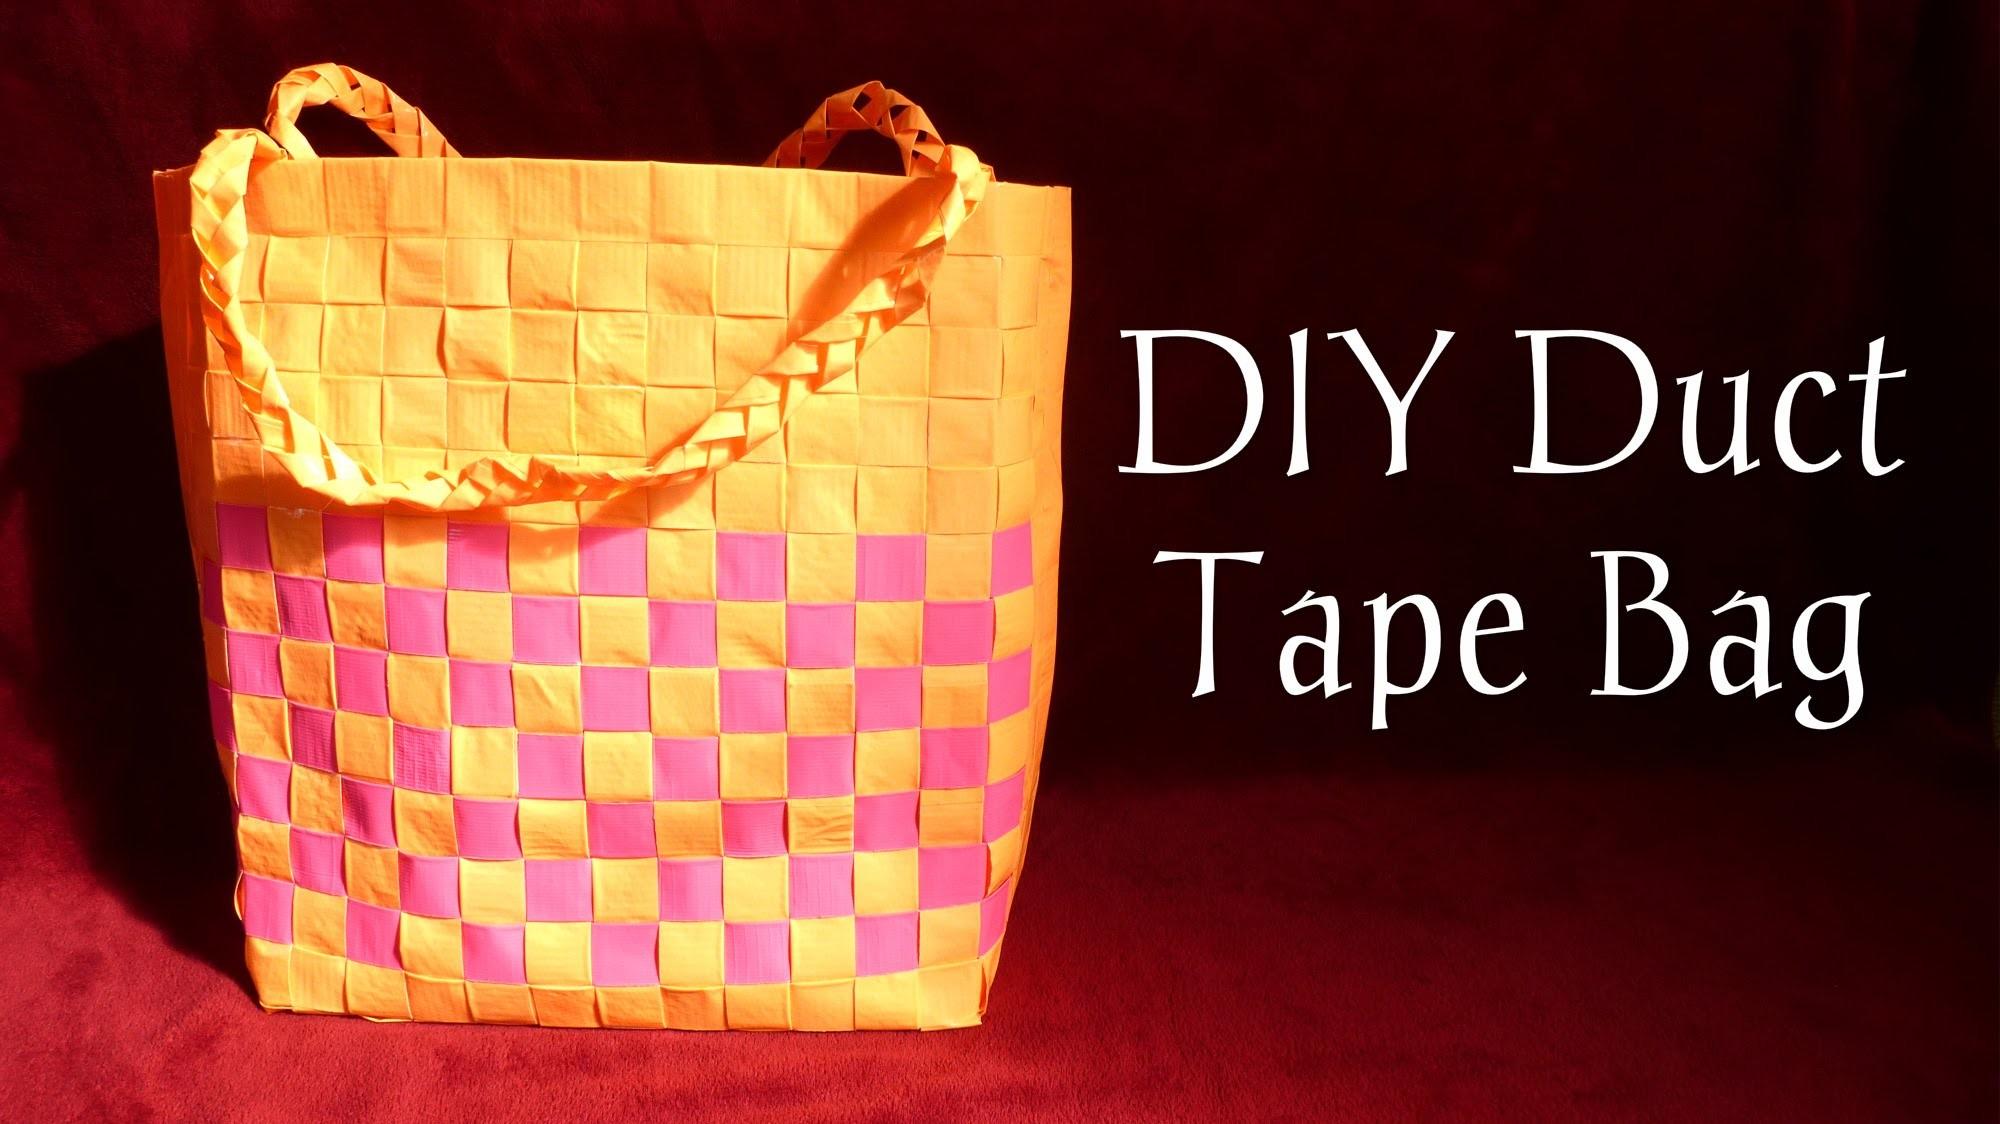 DIY Duct Tape Bag